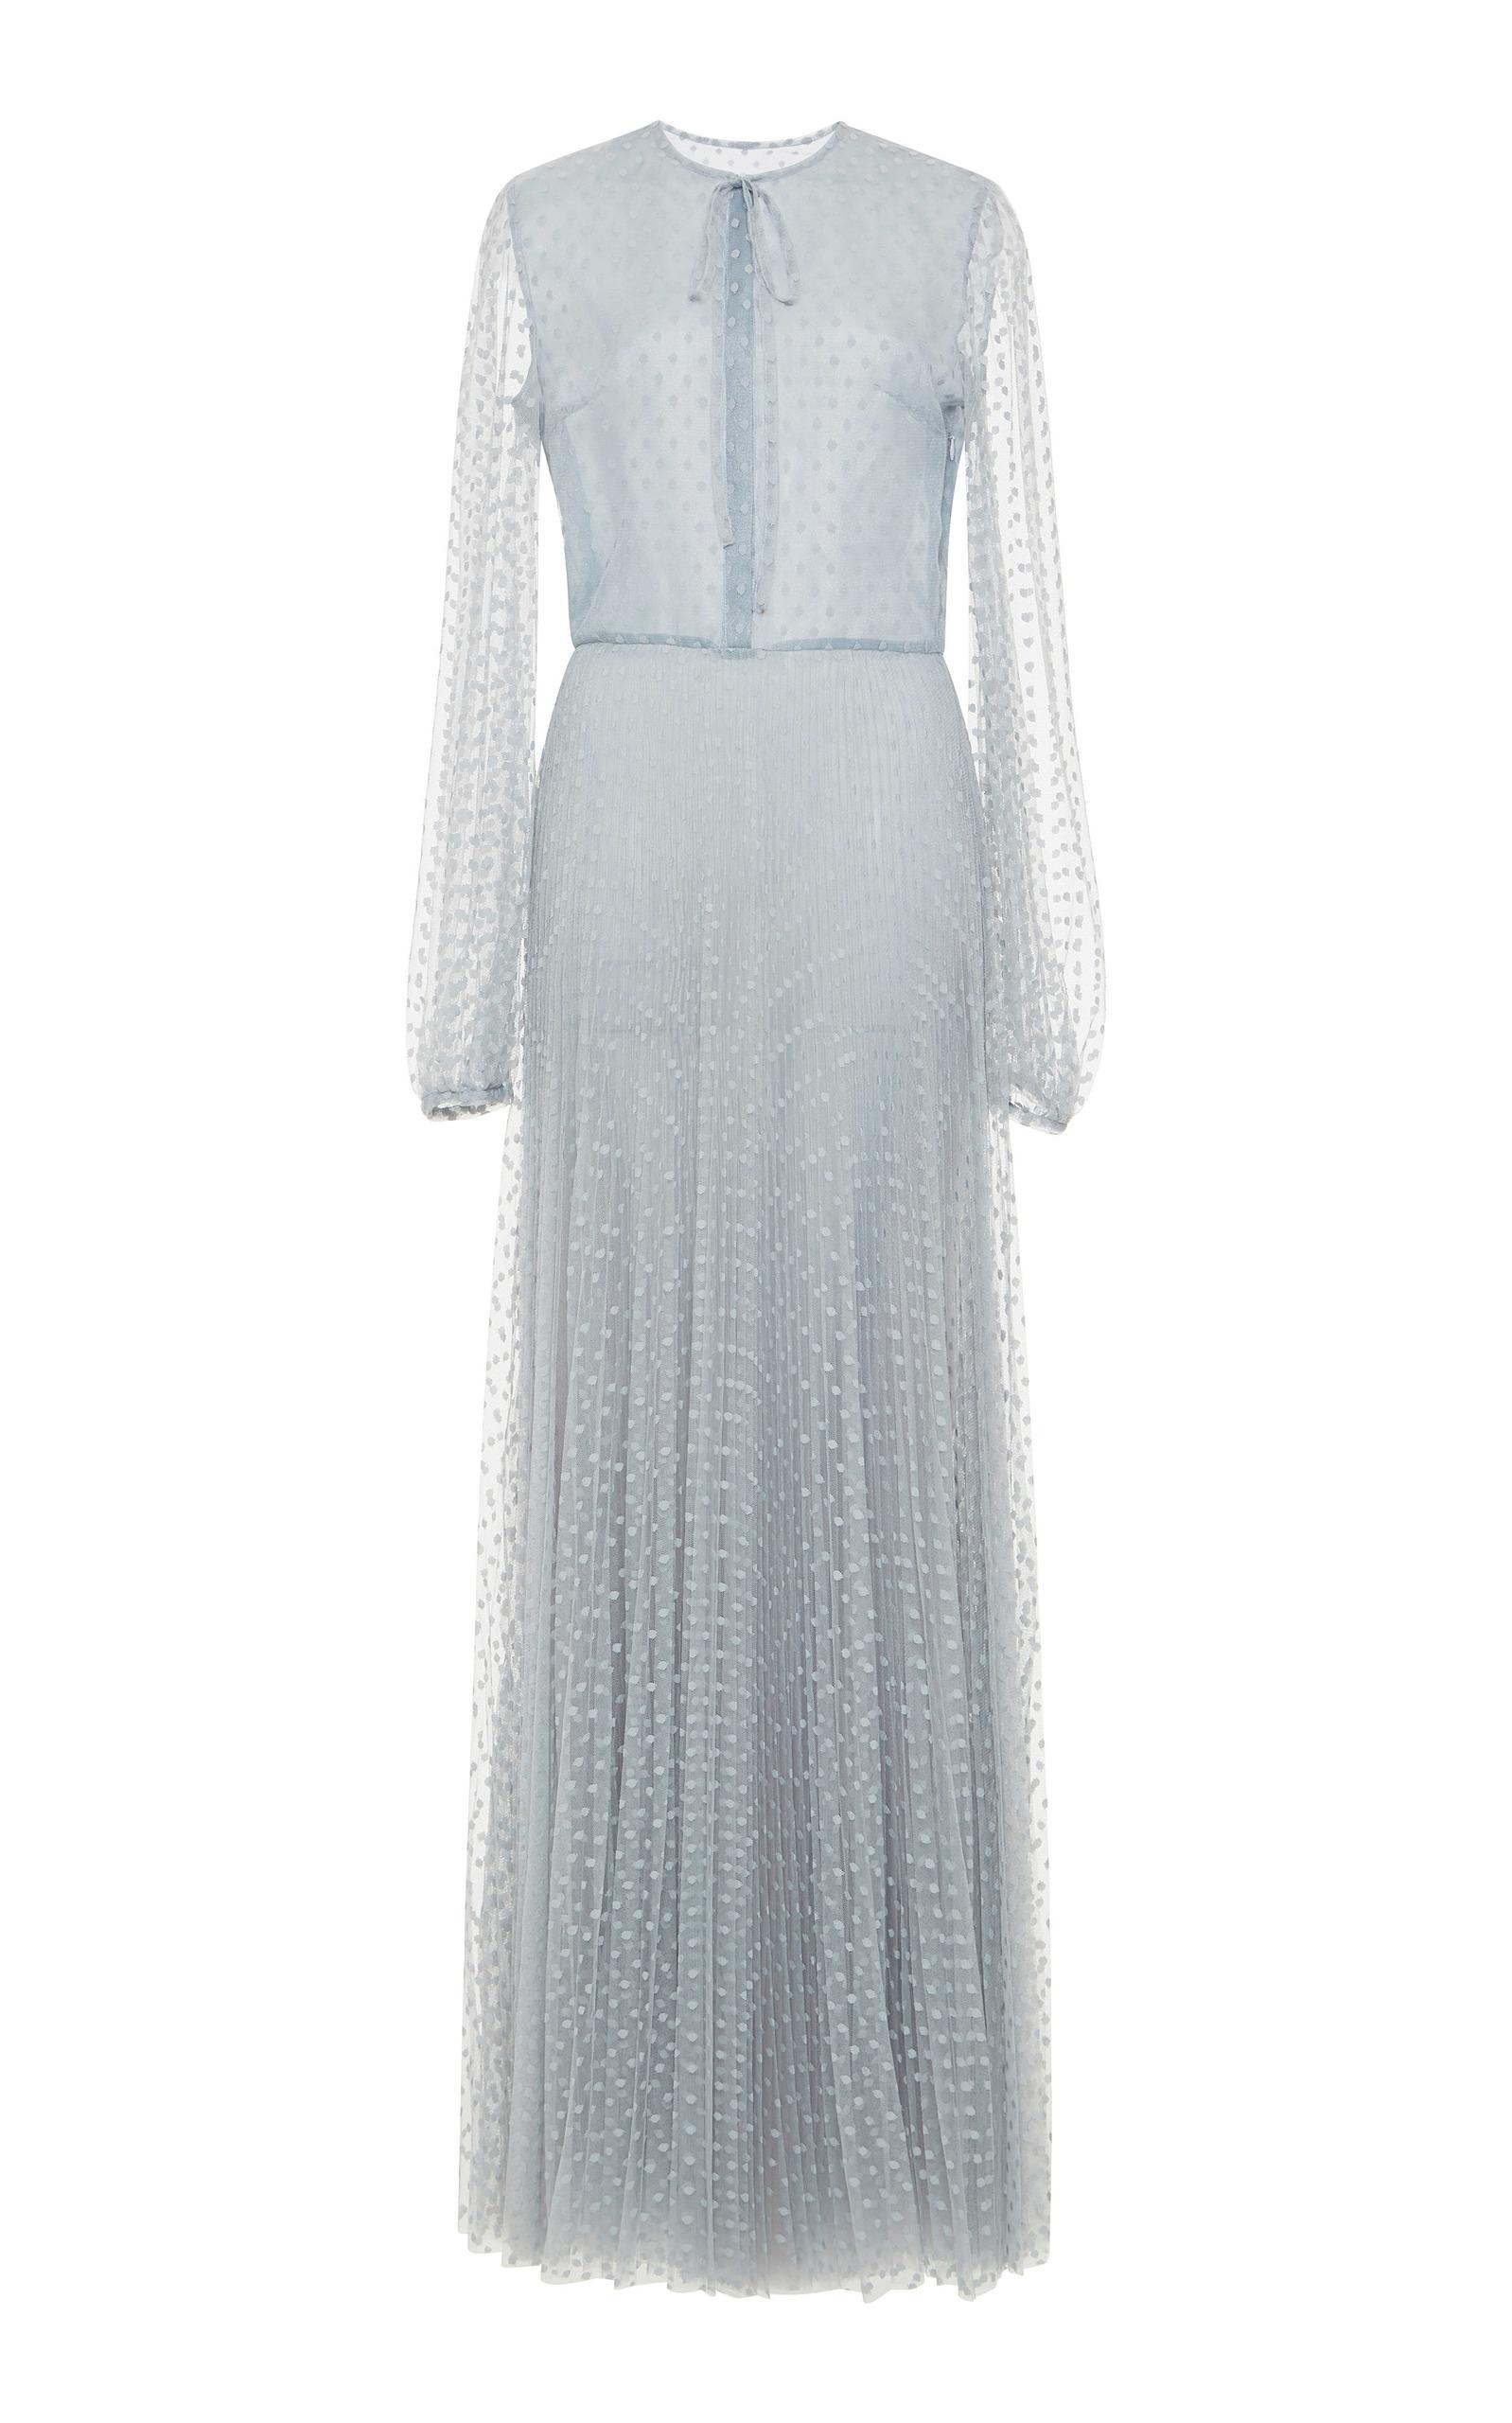 539b020fb10f3 Tulle Chemisier Full Length Dress by Luisa Beccaria | Moda Operandi